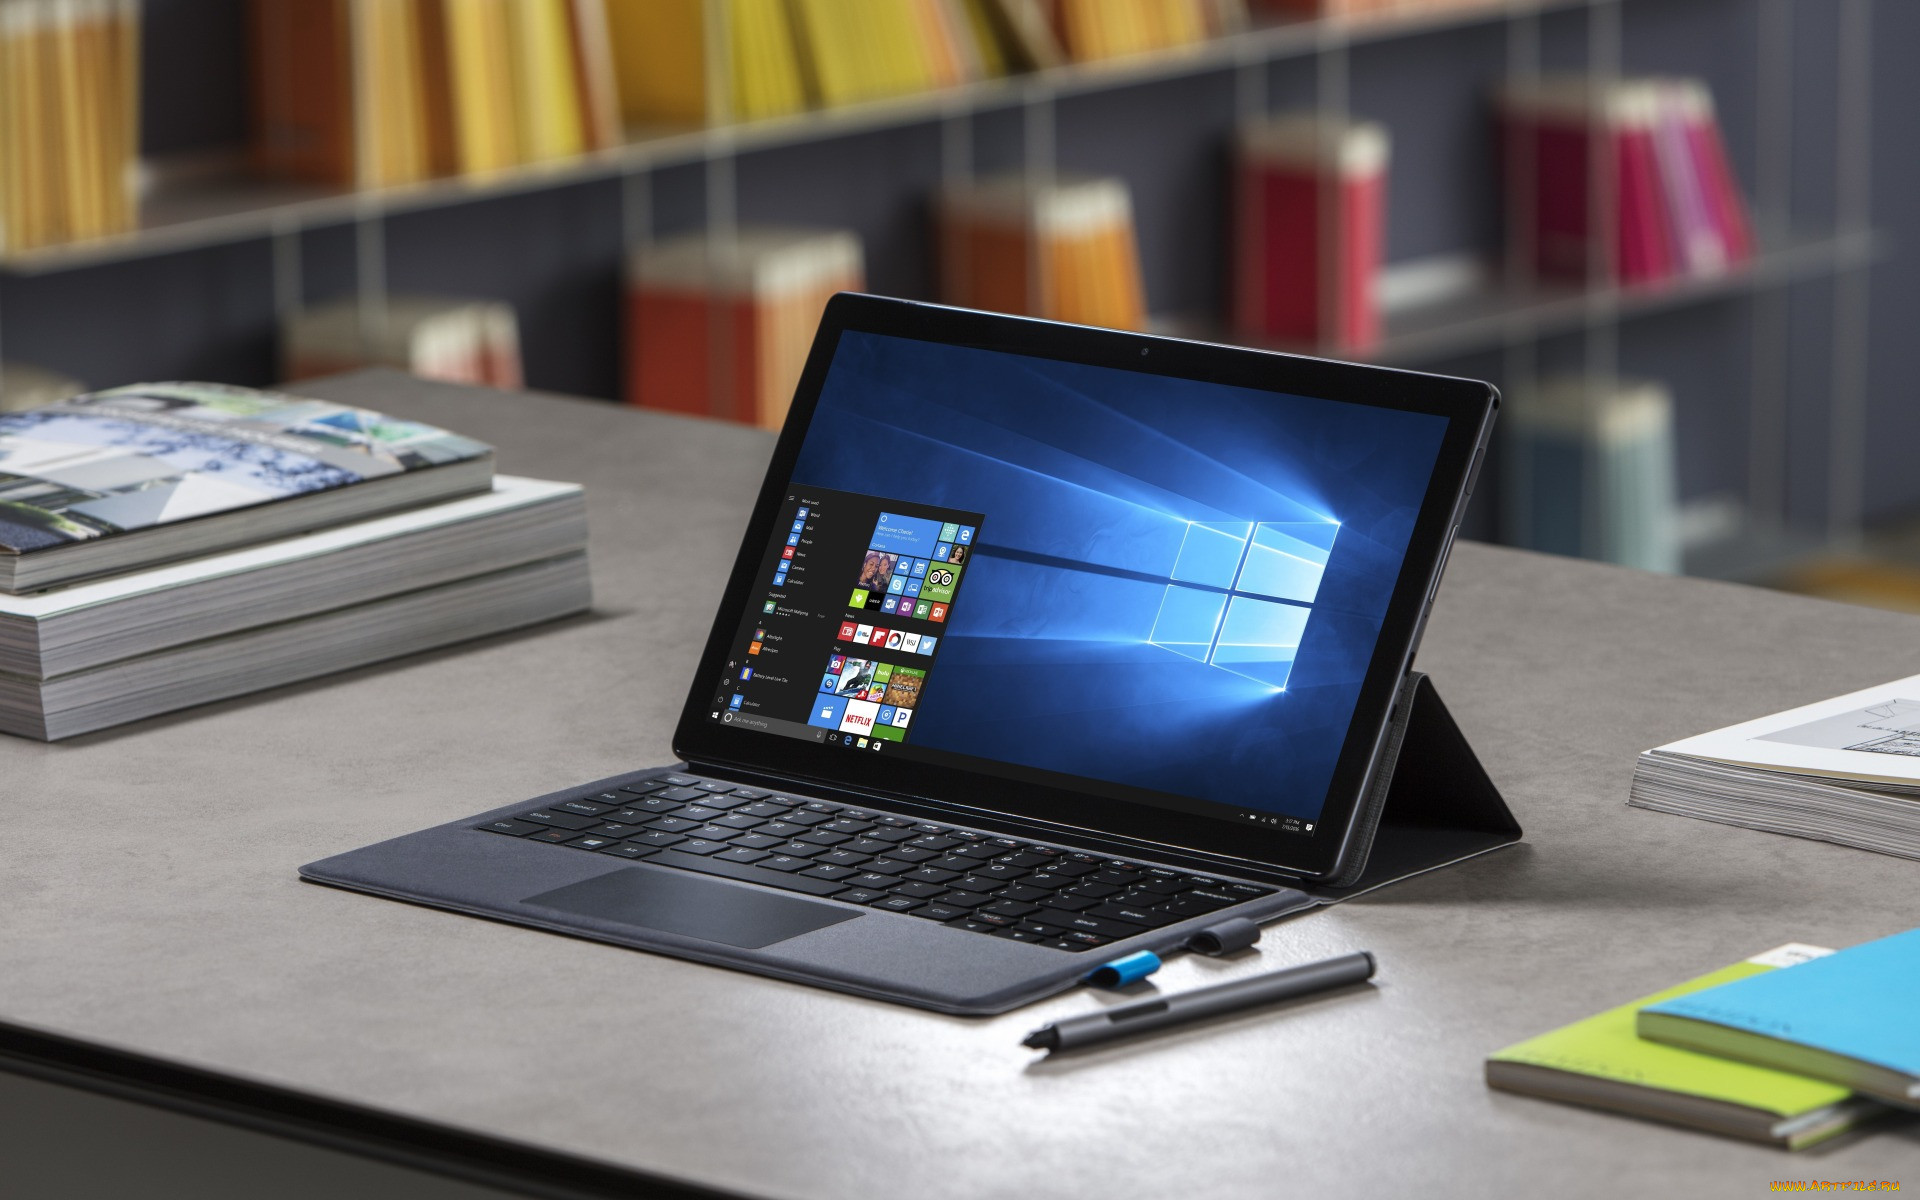 этому картинки компьютеров и ноутбуков на столе подходит любому человеку